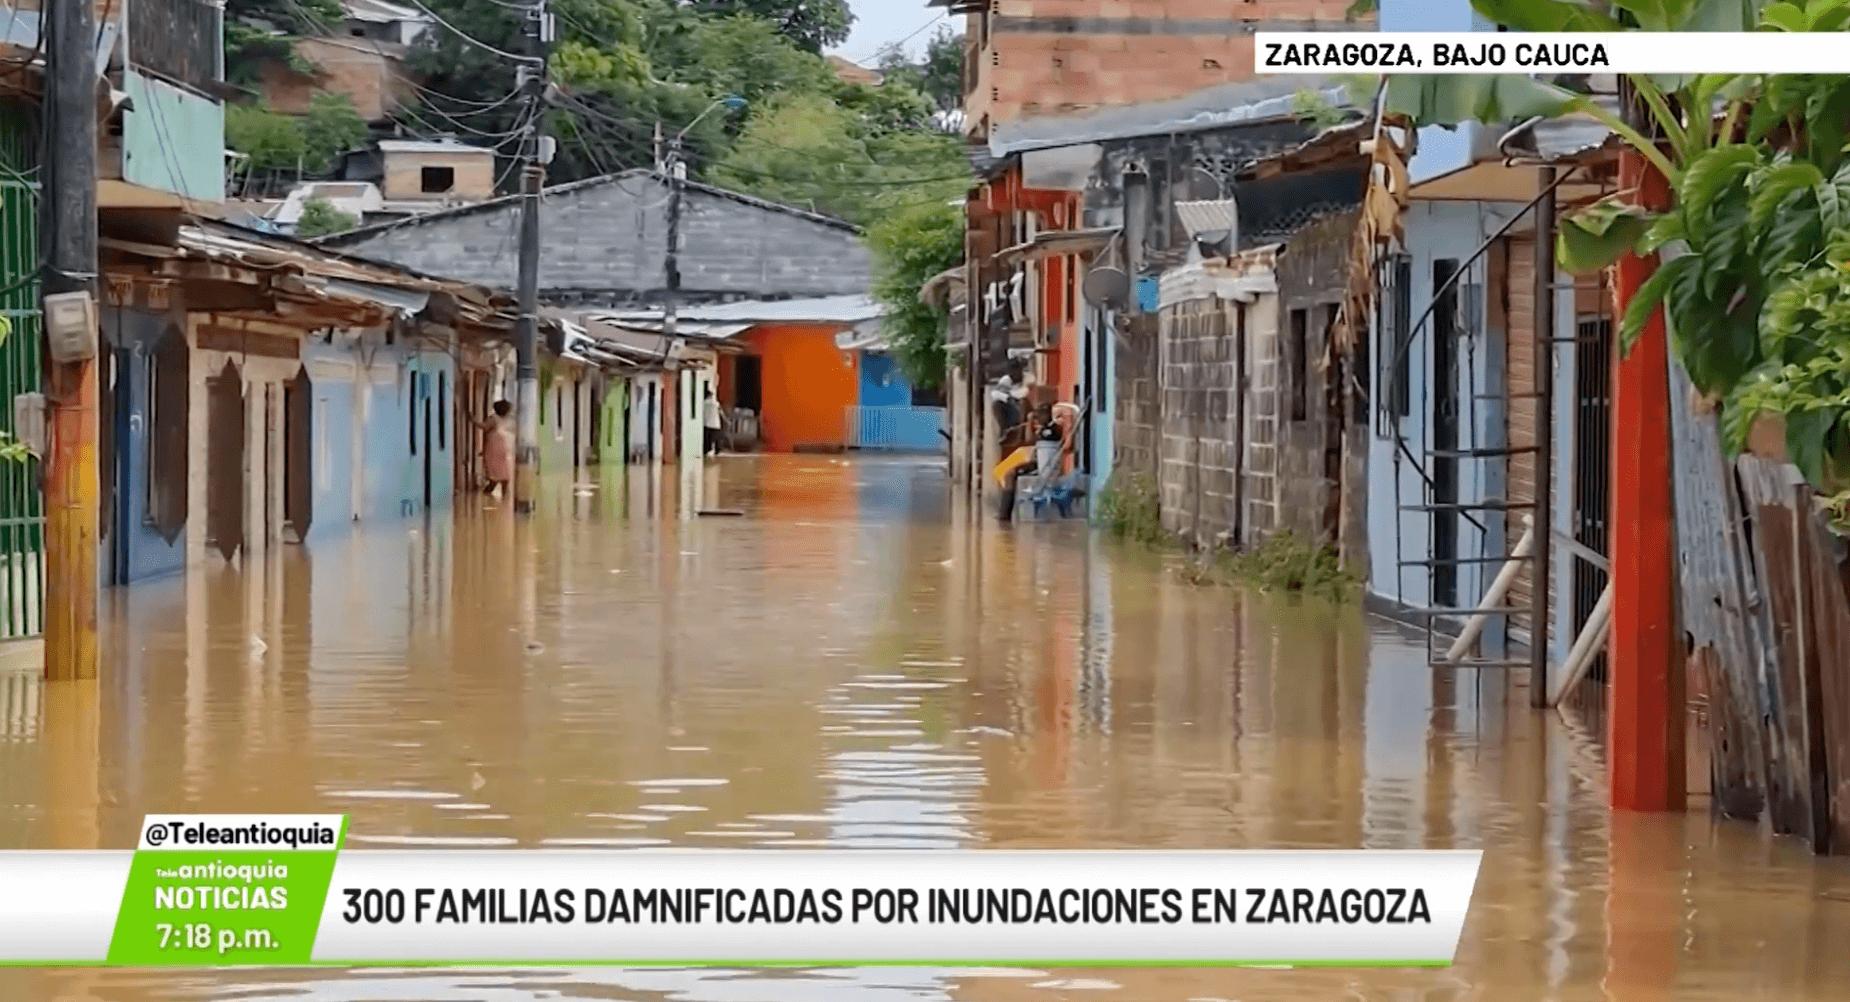 300 familias damnificadas por inundaciones en Zaragoza